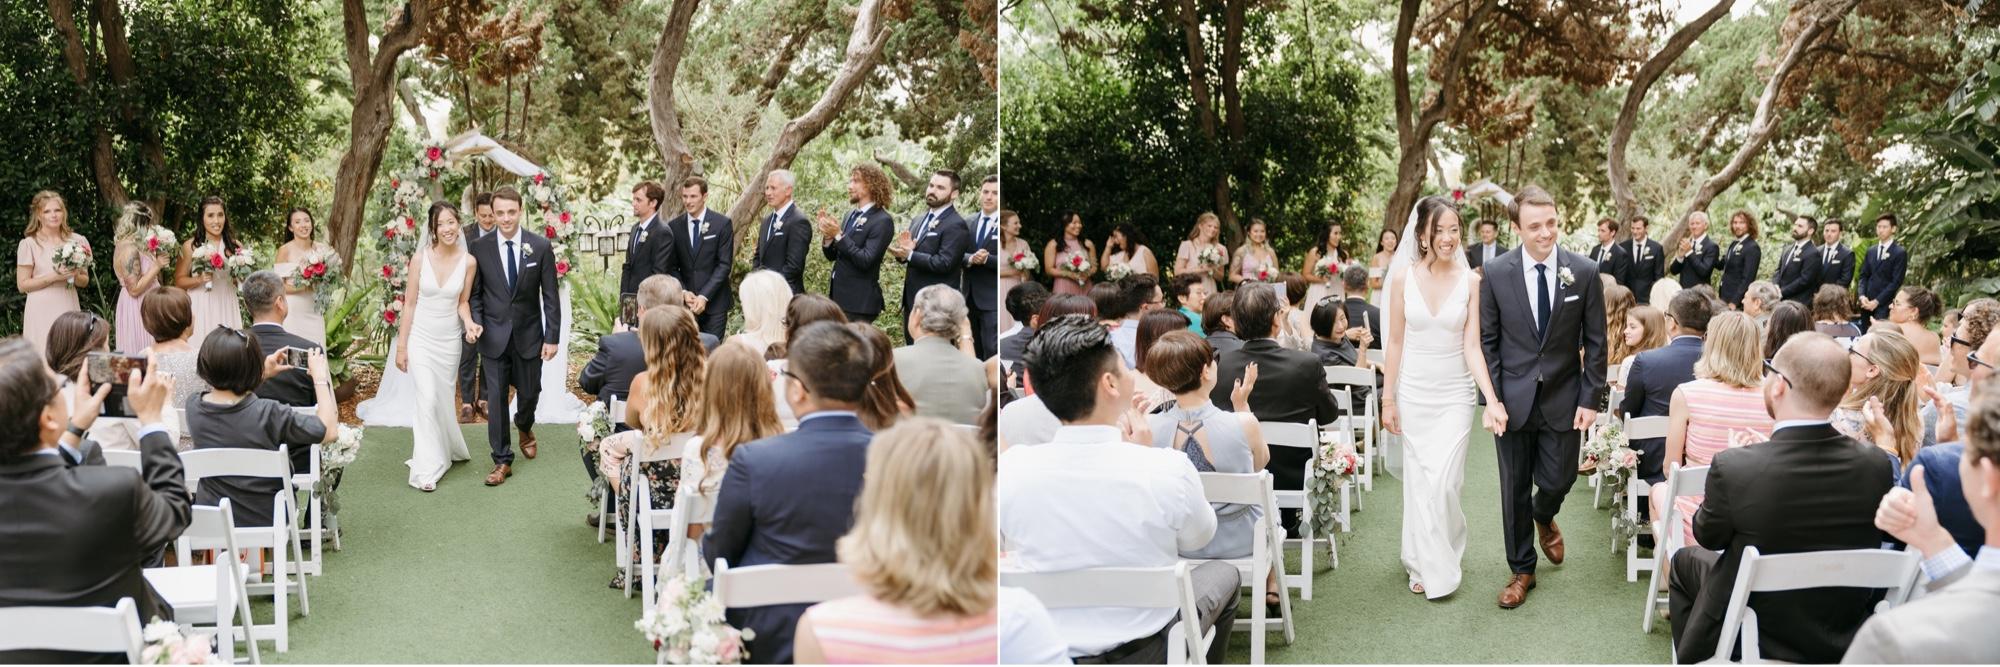 040_Shawna and Steve's Wedding-232_Shawna and Steve's Wedding-229.jpg